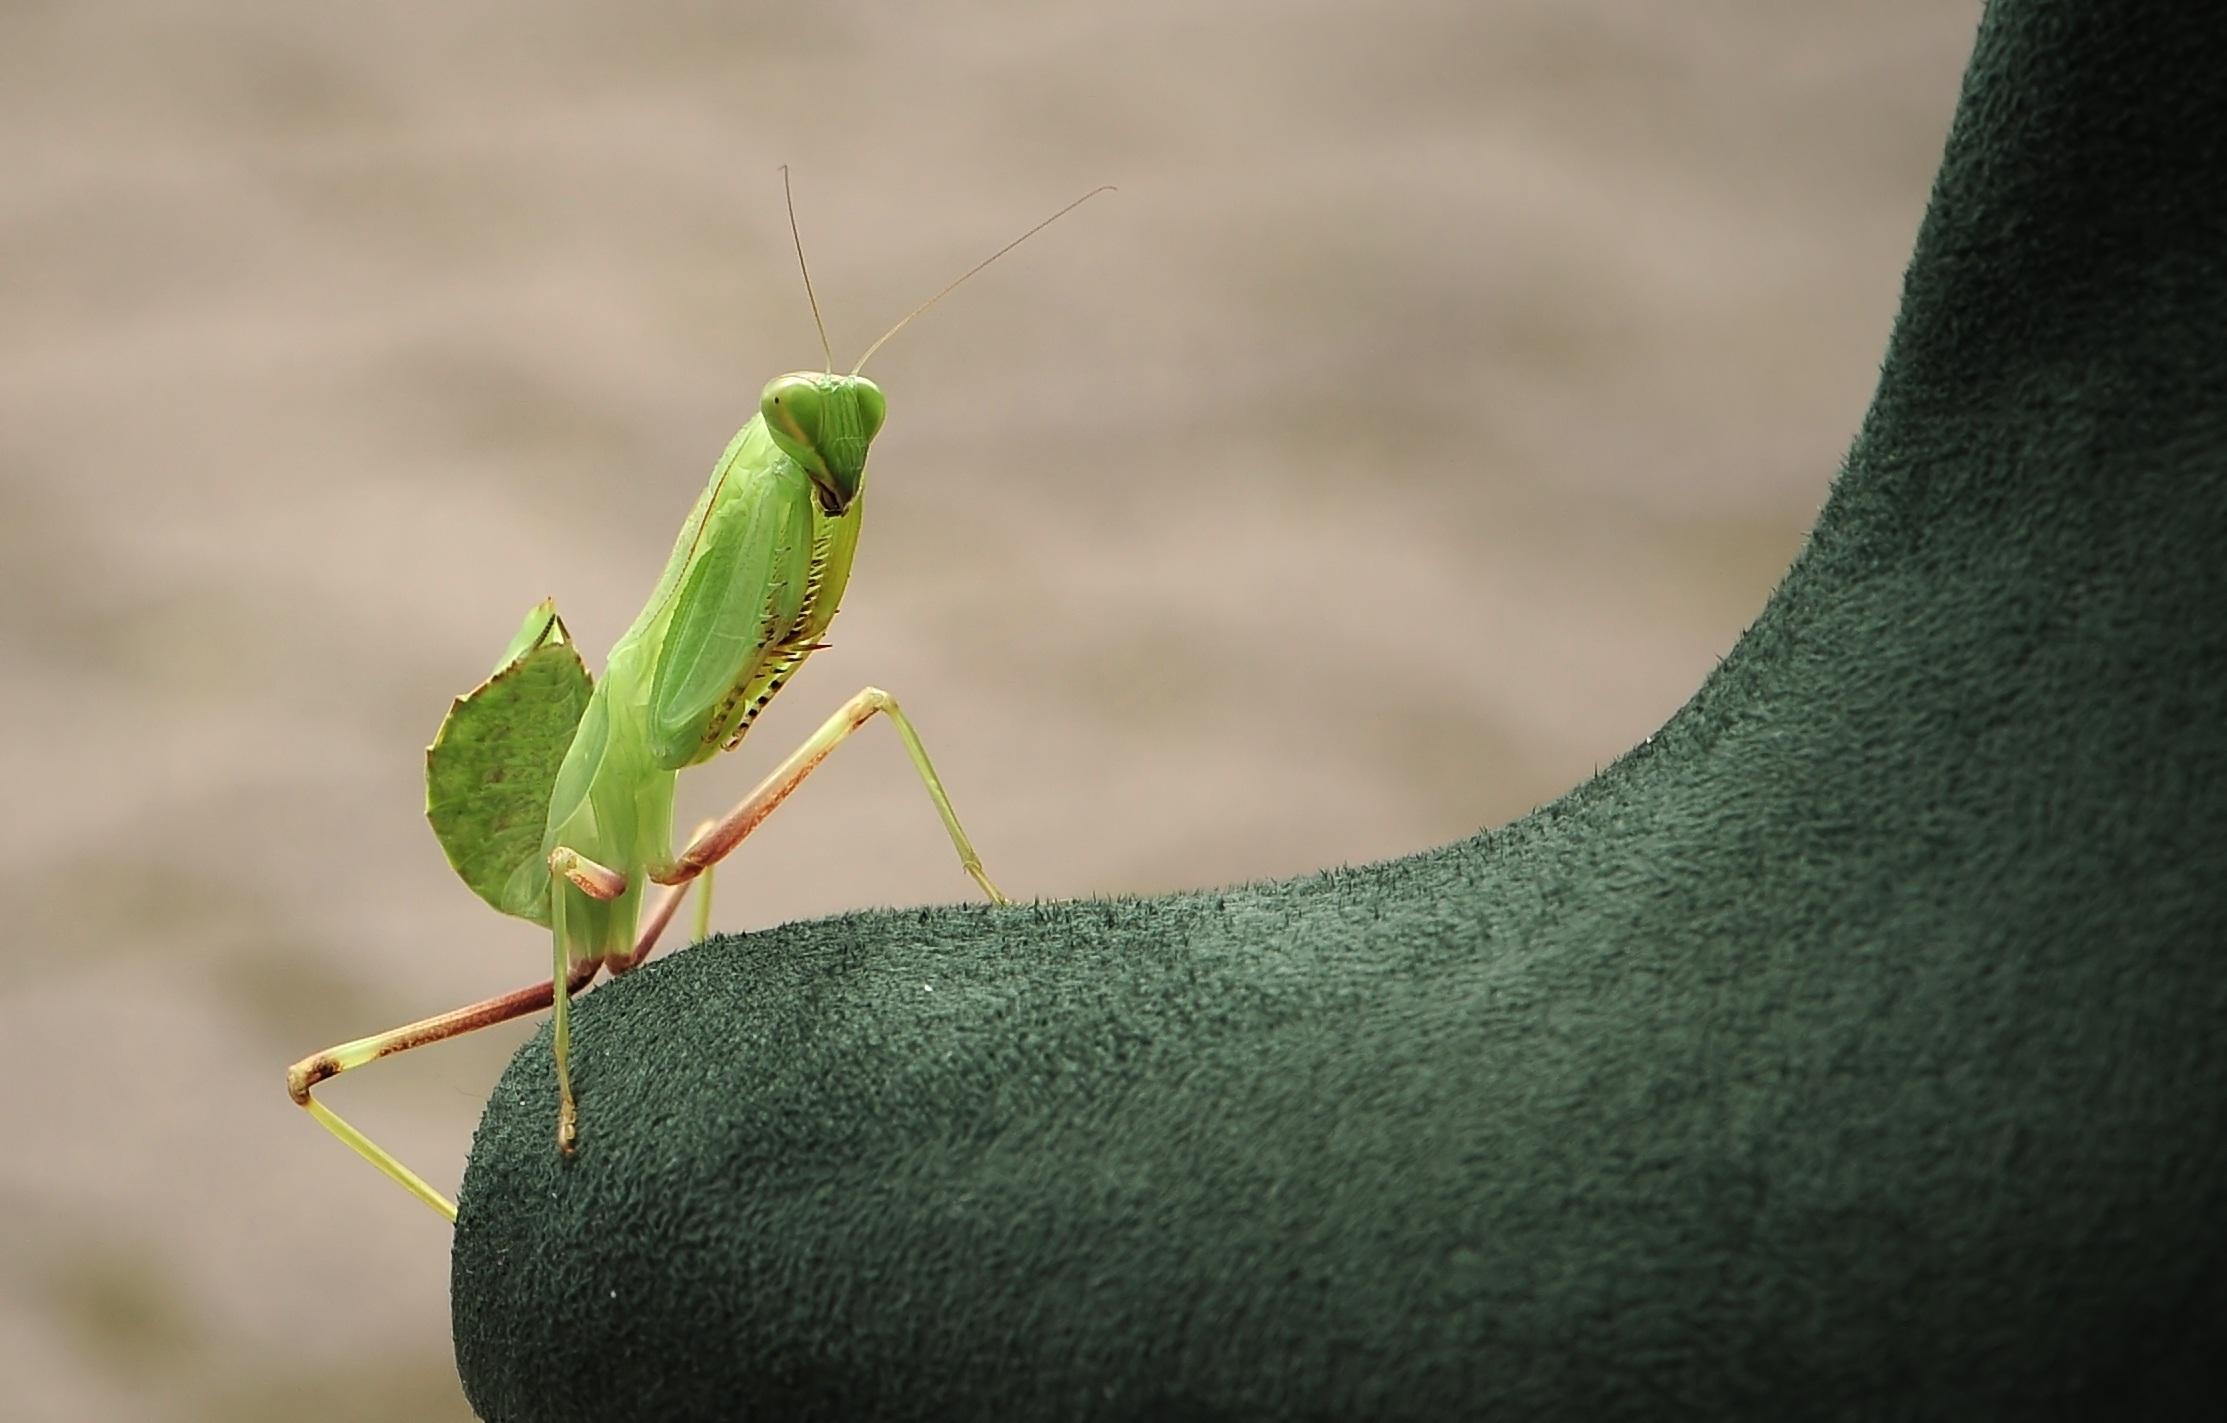 手機的124978屏保和壁紙昆虫。 免費下載 宏, 螳螂, 博戈莫尔, 昆虫 圖片